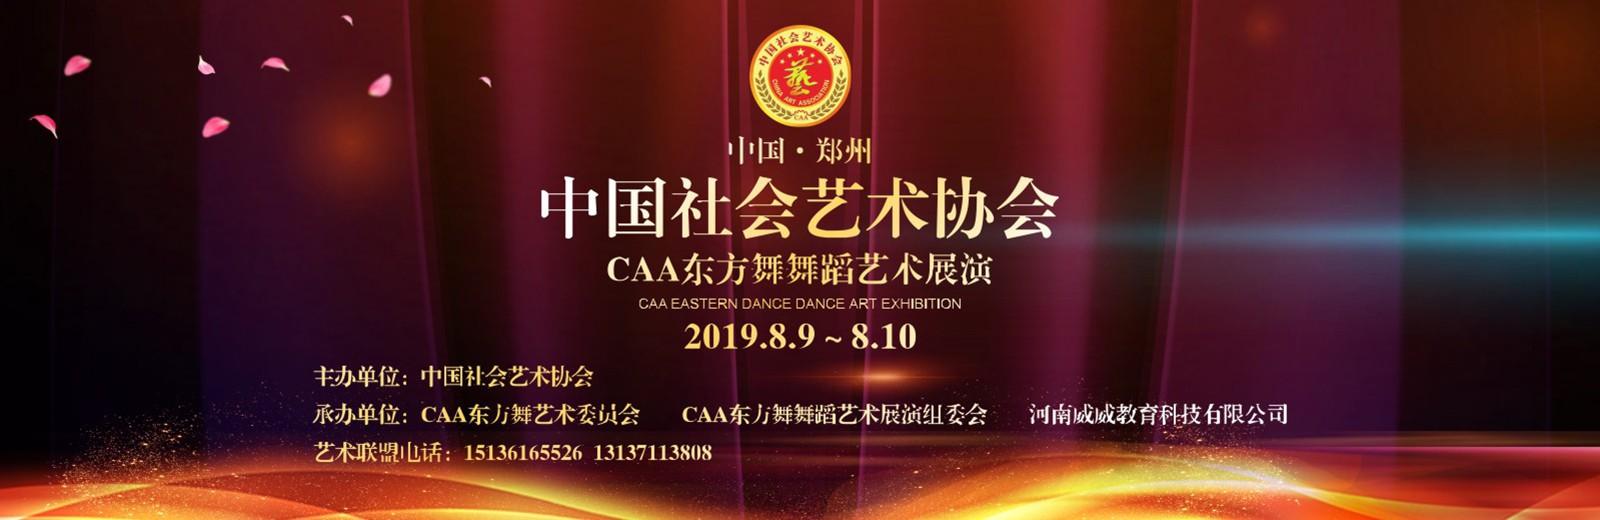 社会艺术协会CAA东方舞艺术展演